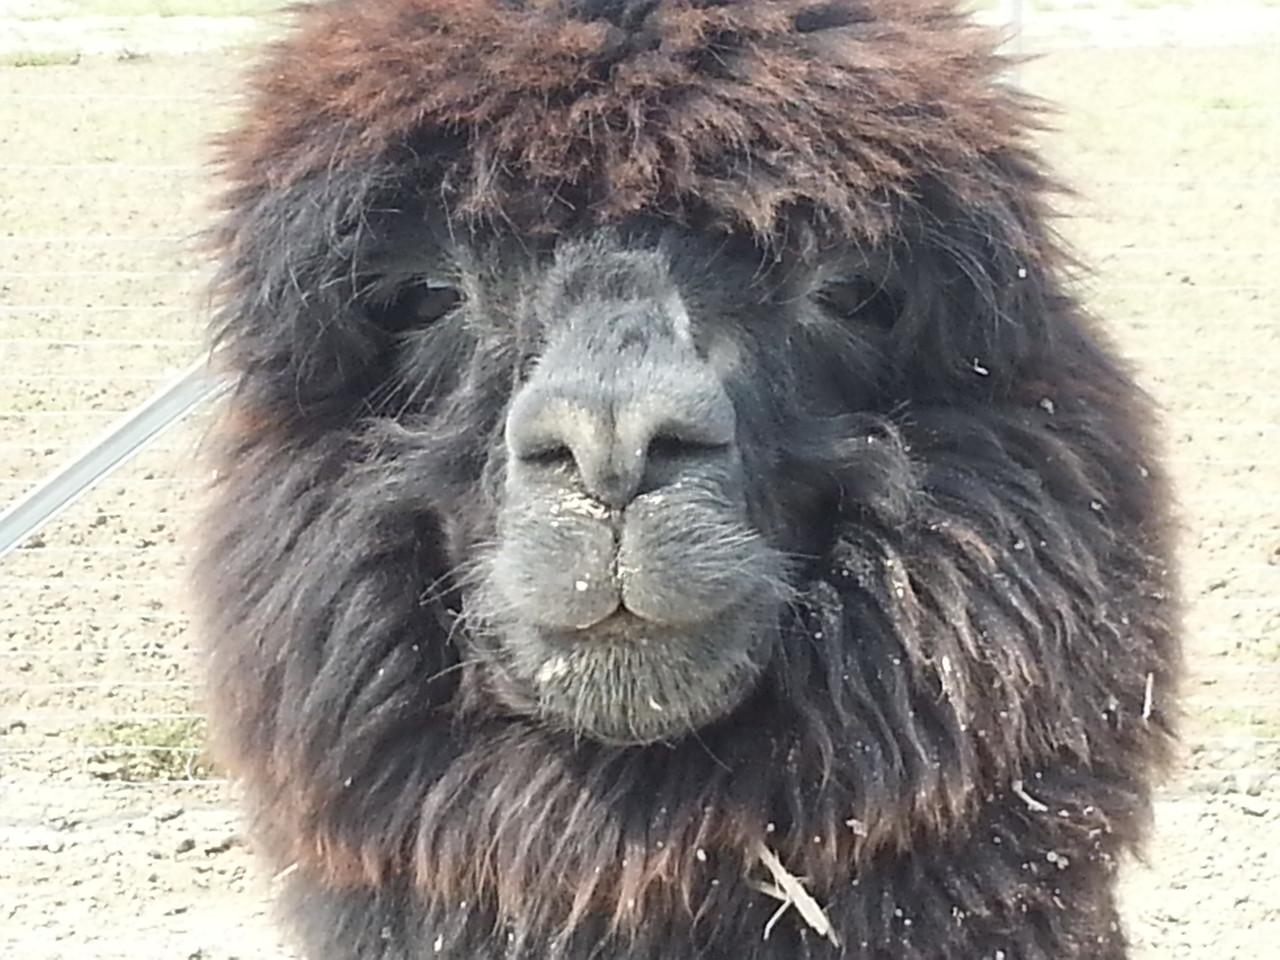 Das Ergebnis kann sich sehen lassen! Picchu, jetzt bist Du wirklich sehr hübsch!